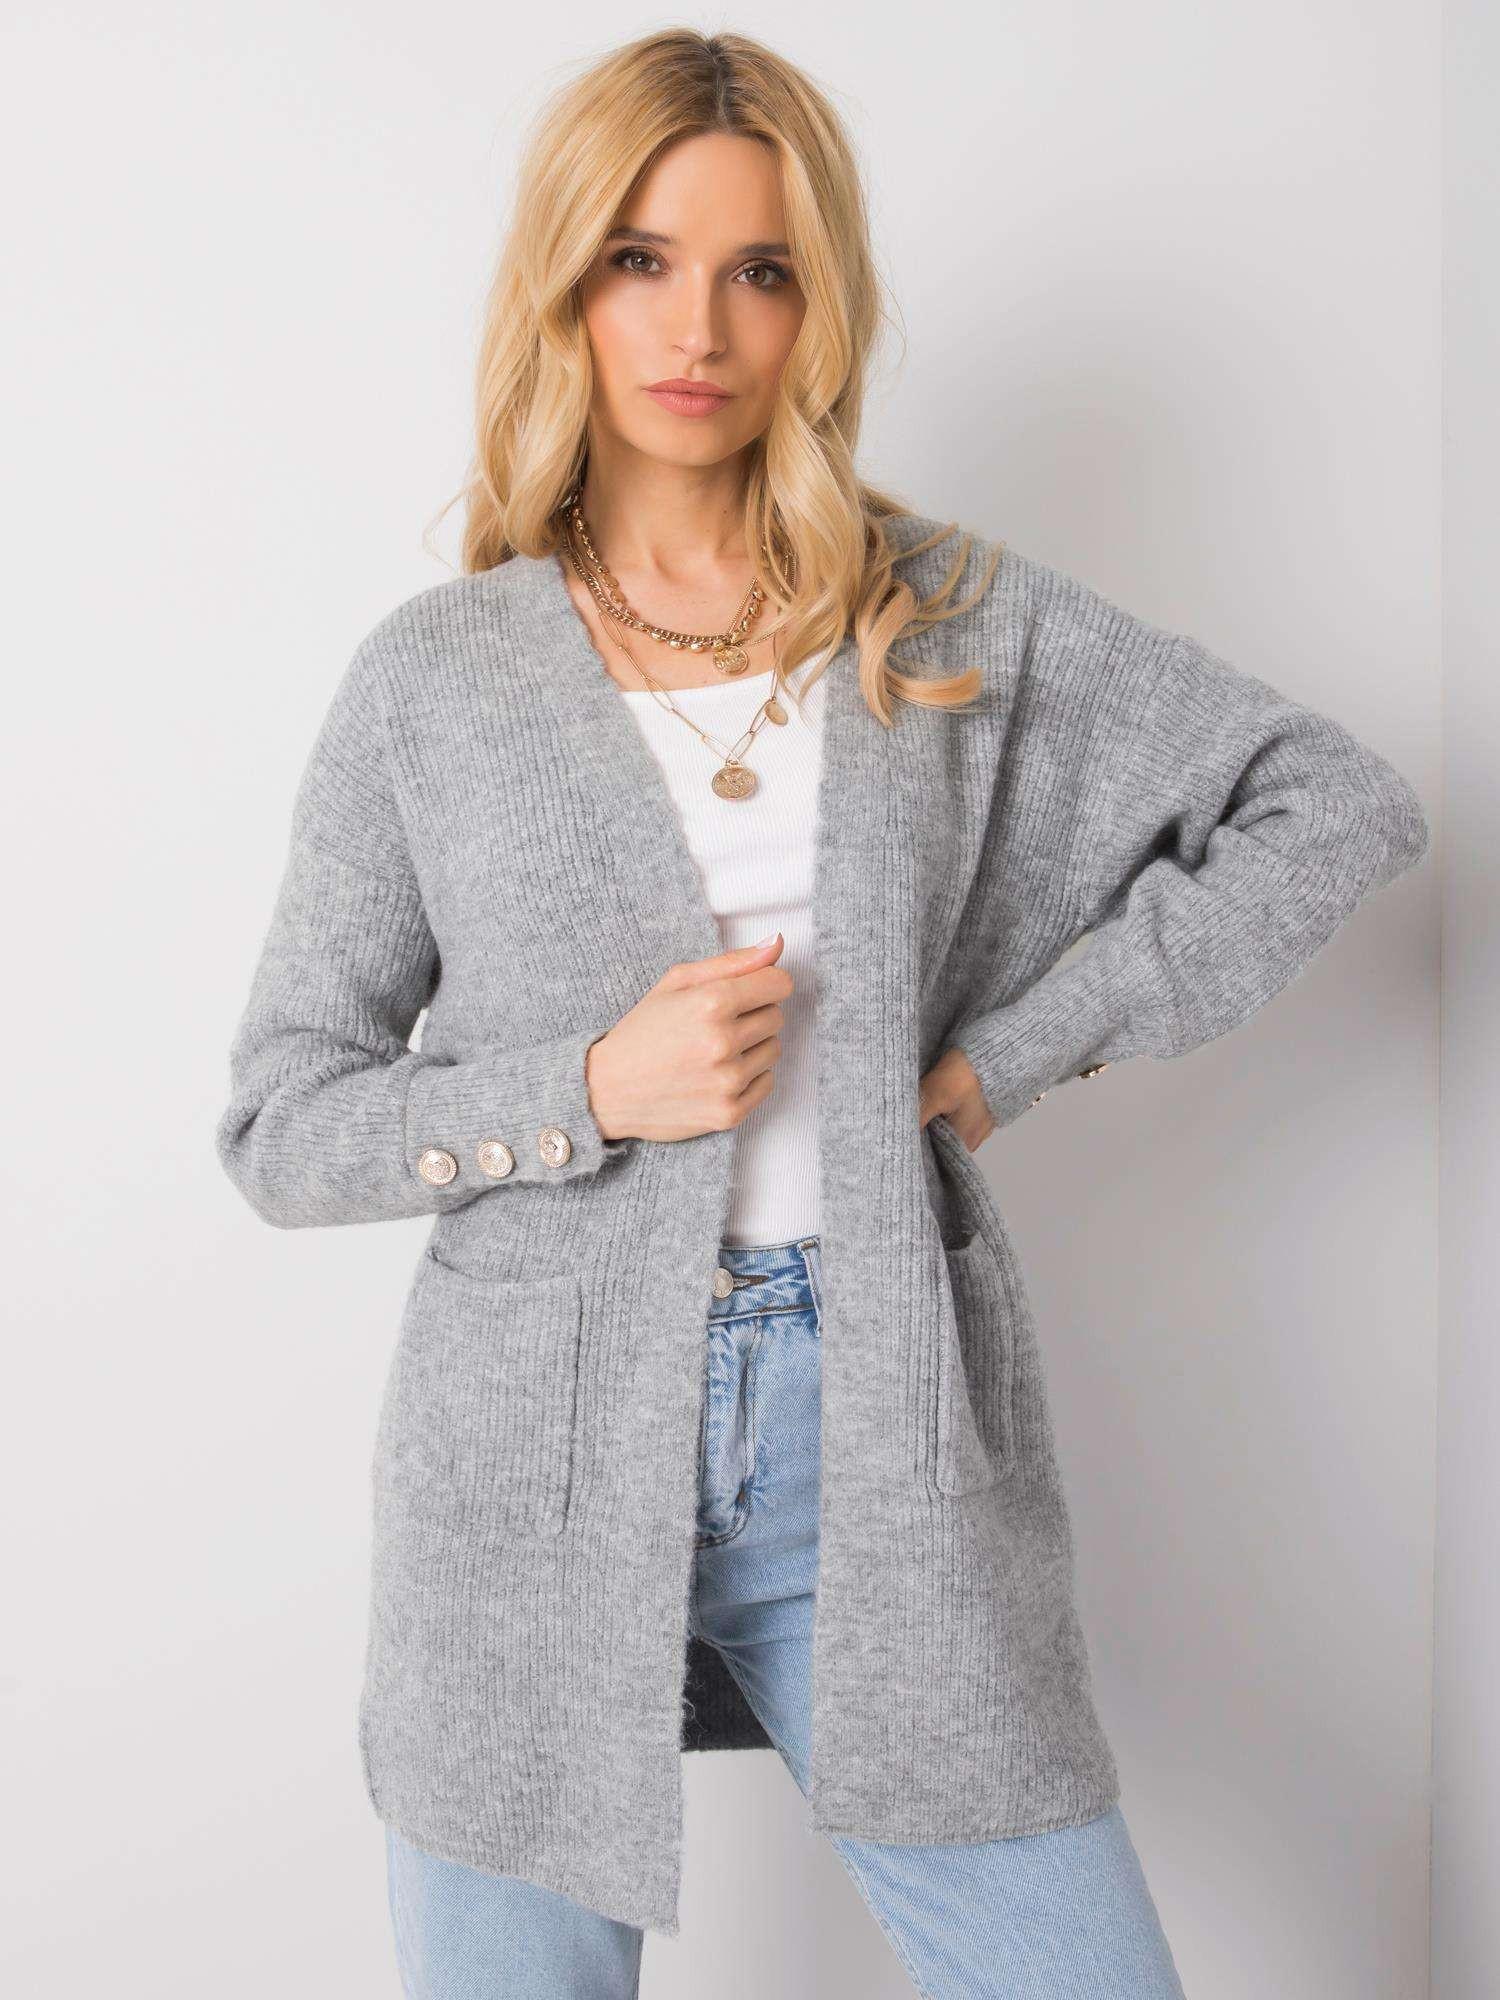 Dámsky šedý sveter jedna velikost